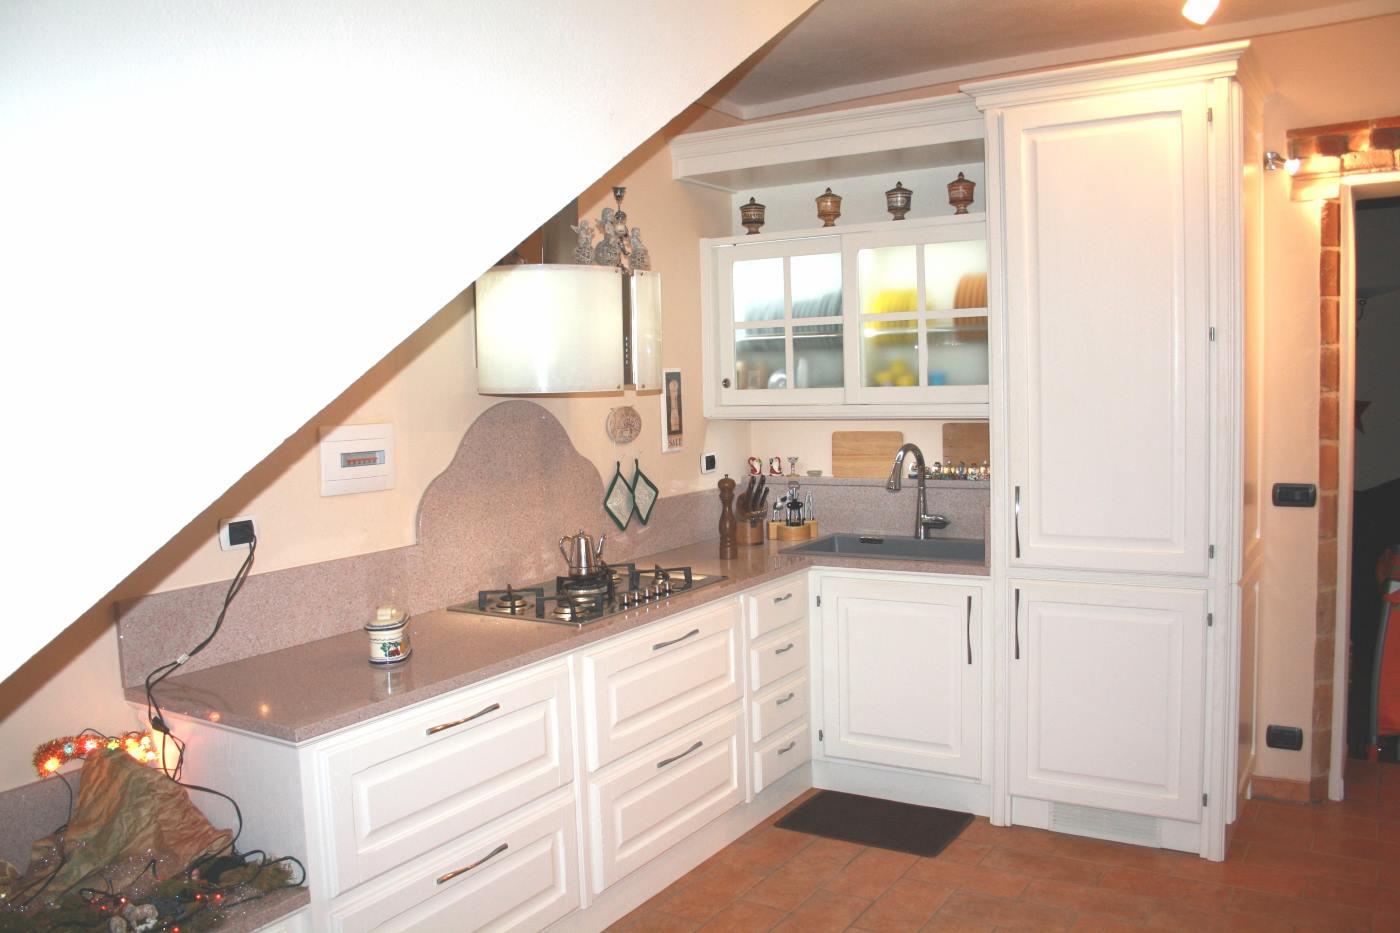 Cucina laccata bianca poro aperto frassino spazzolato con piano okite